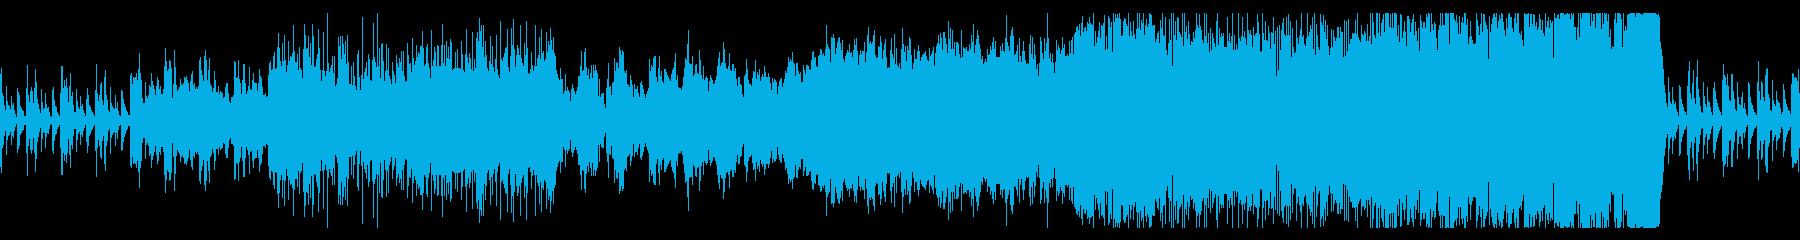 ティンパニーのリズムのオーケストラの再生済みの波形